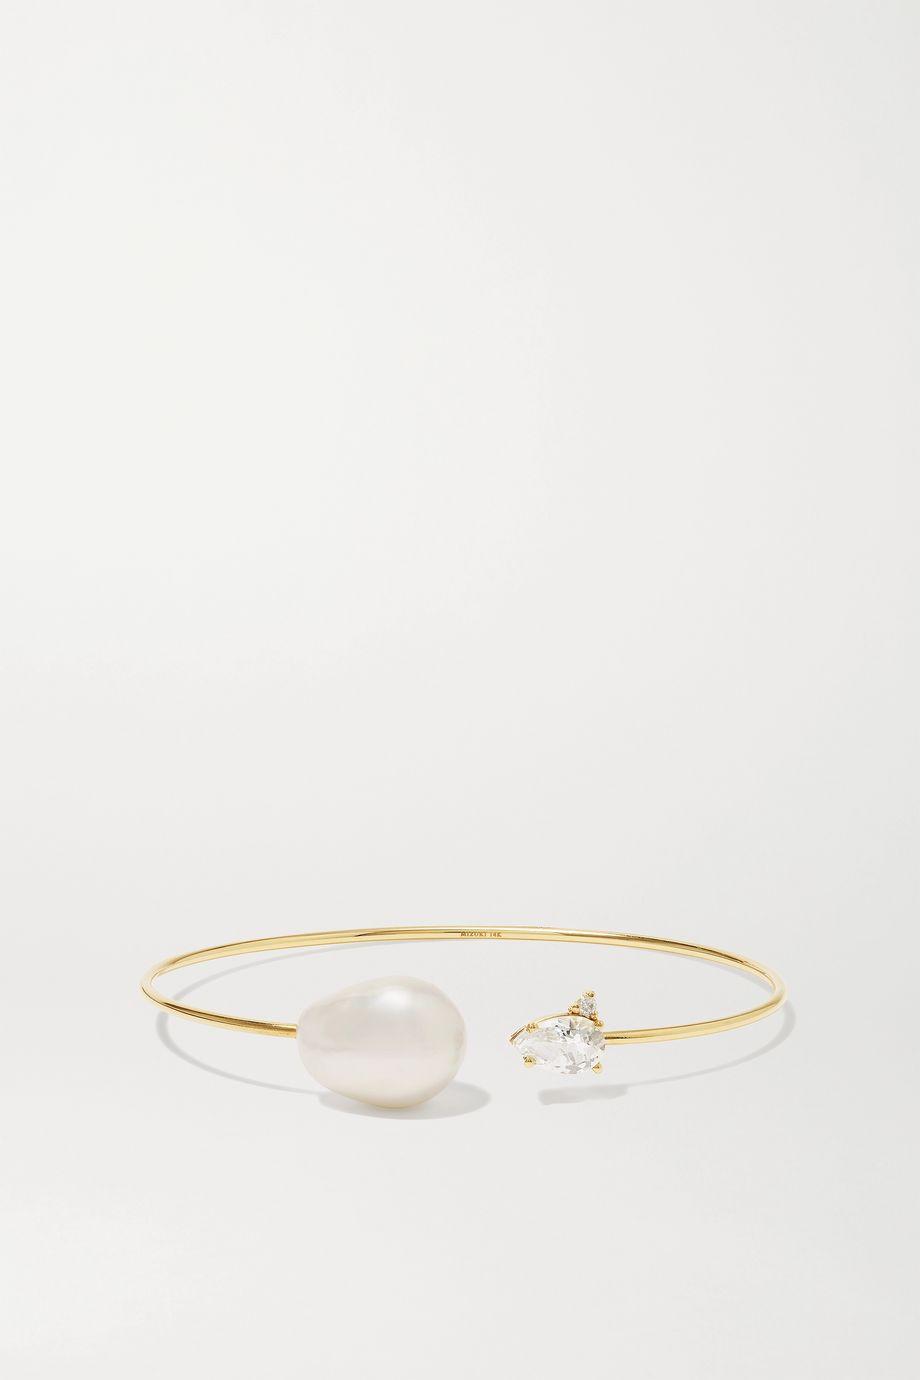 Mizuki Armspange aus 14Karat Gold mit mehreren Steinen